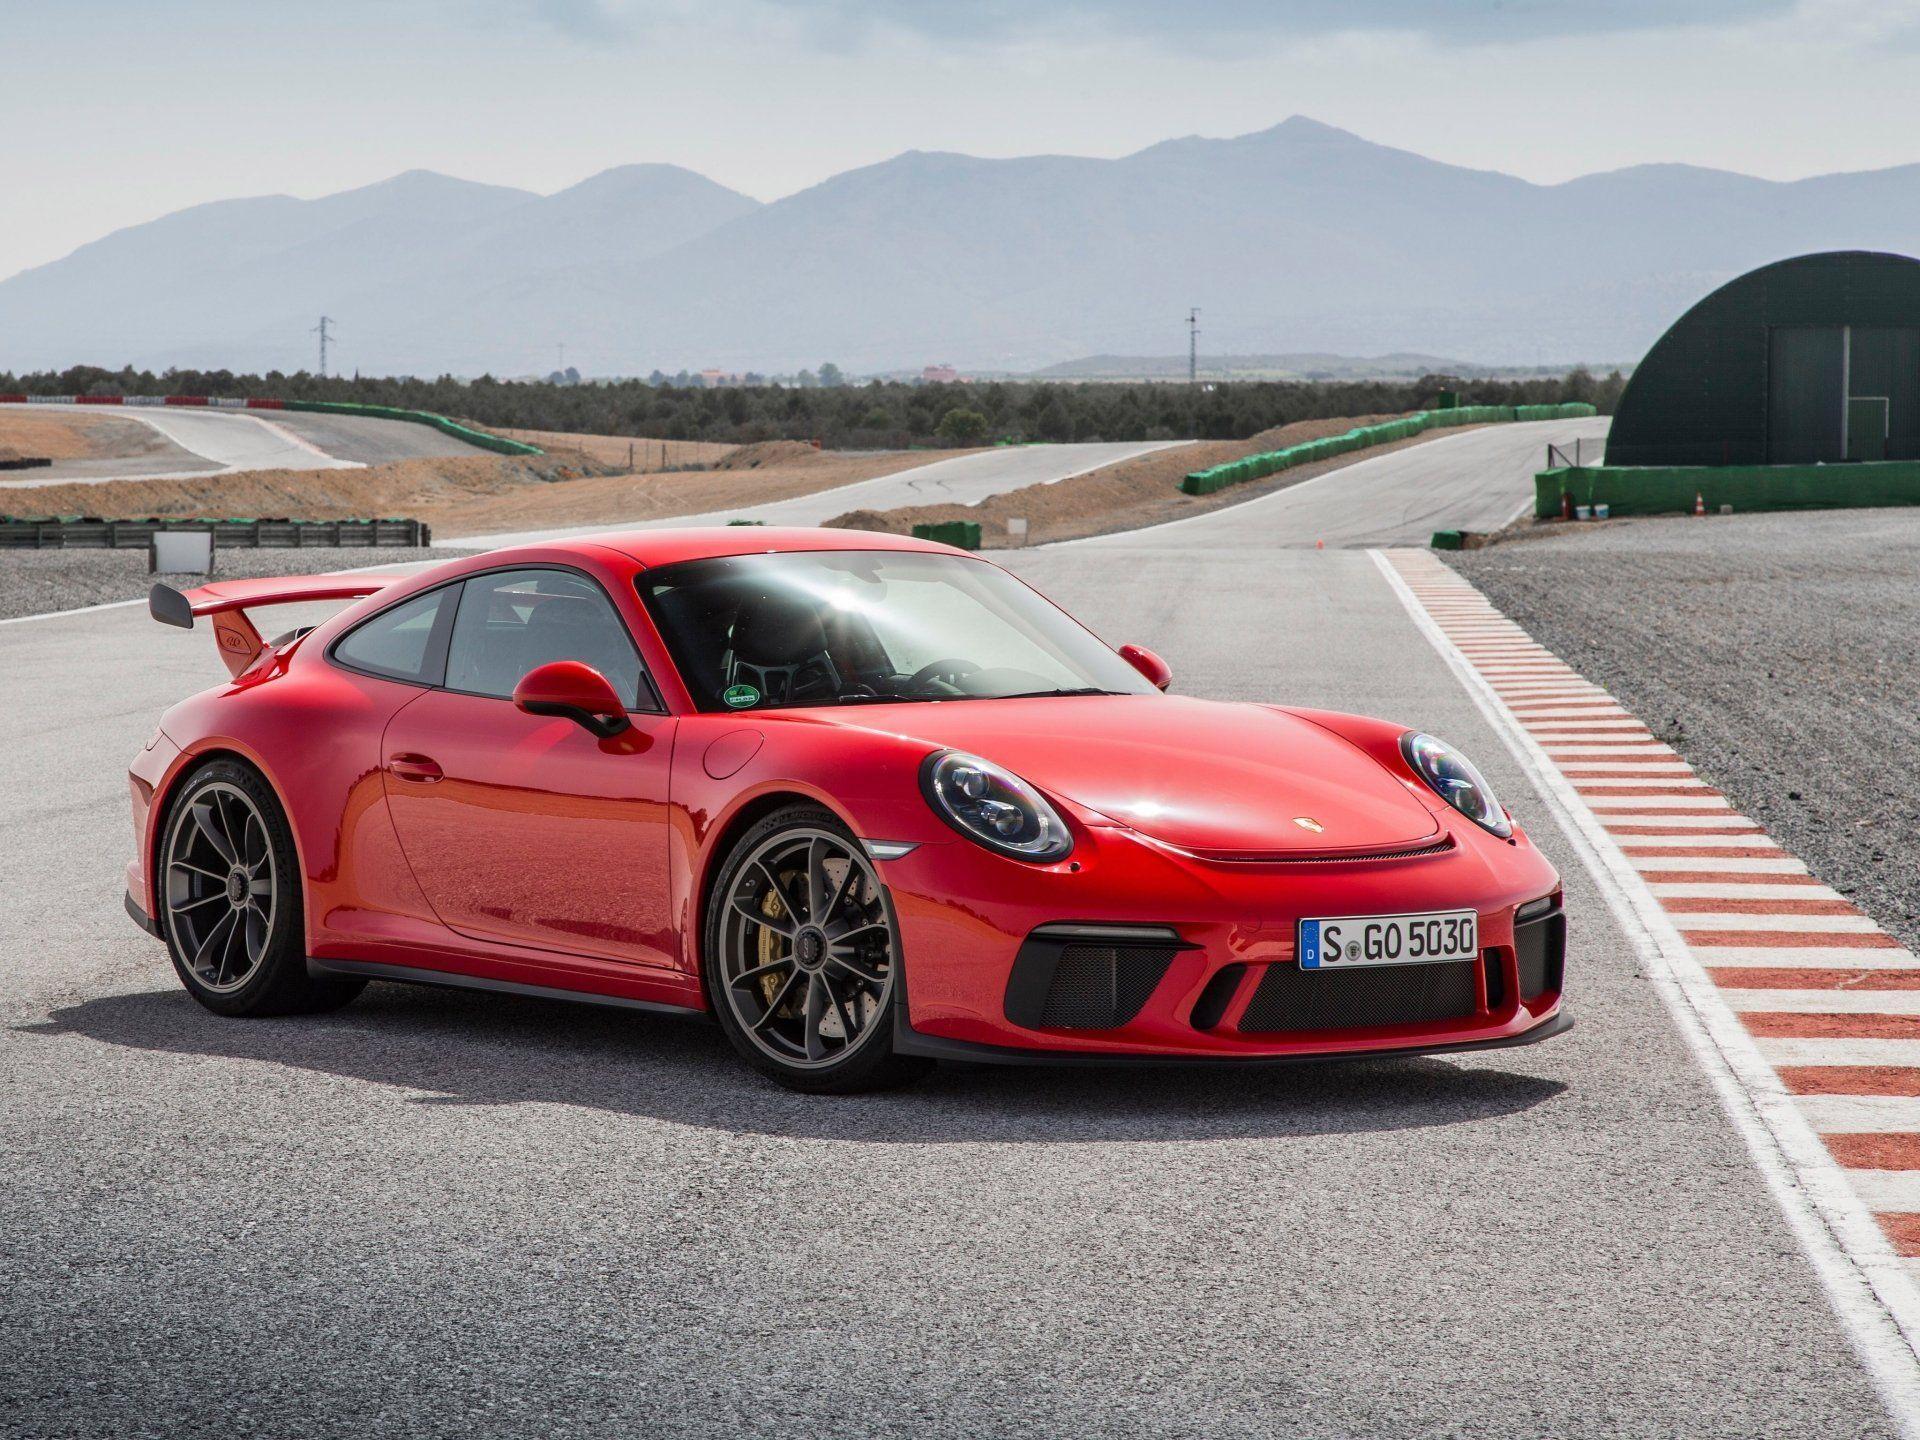 Porsche Gt3 Wallpapers Top Free Porsche Gt3 Backgrounds Wallpaperaccess